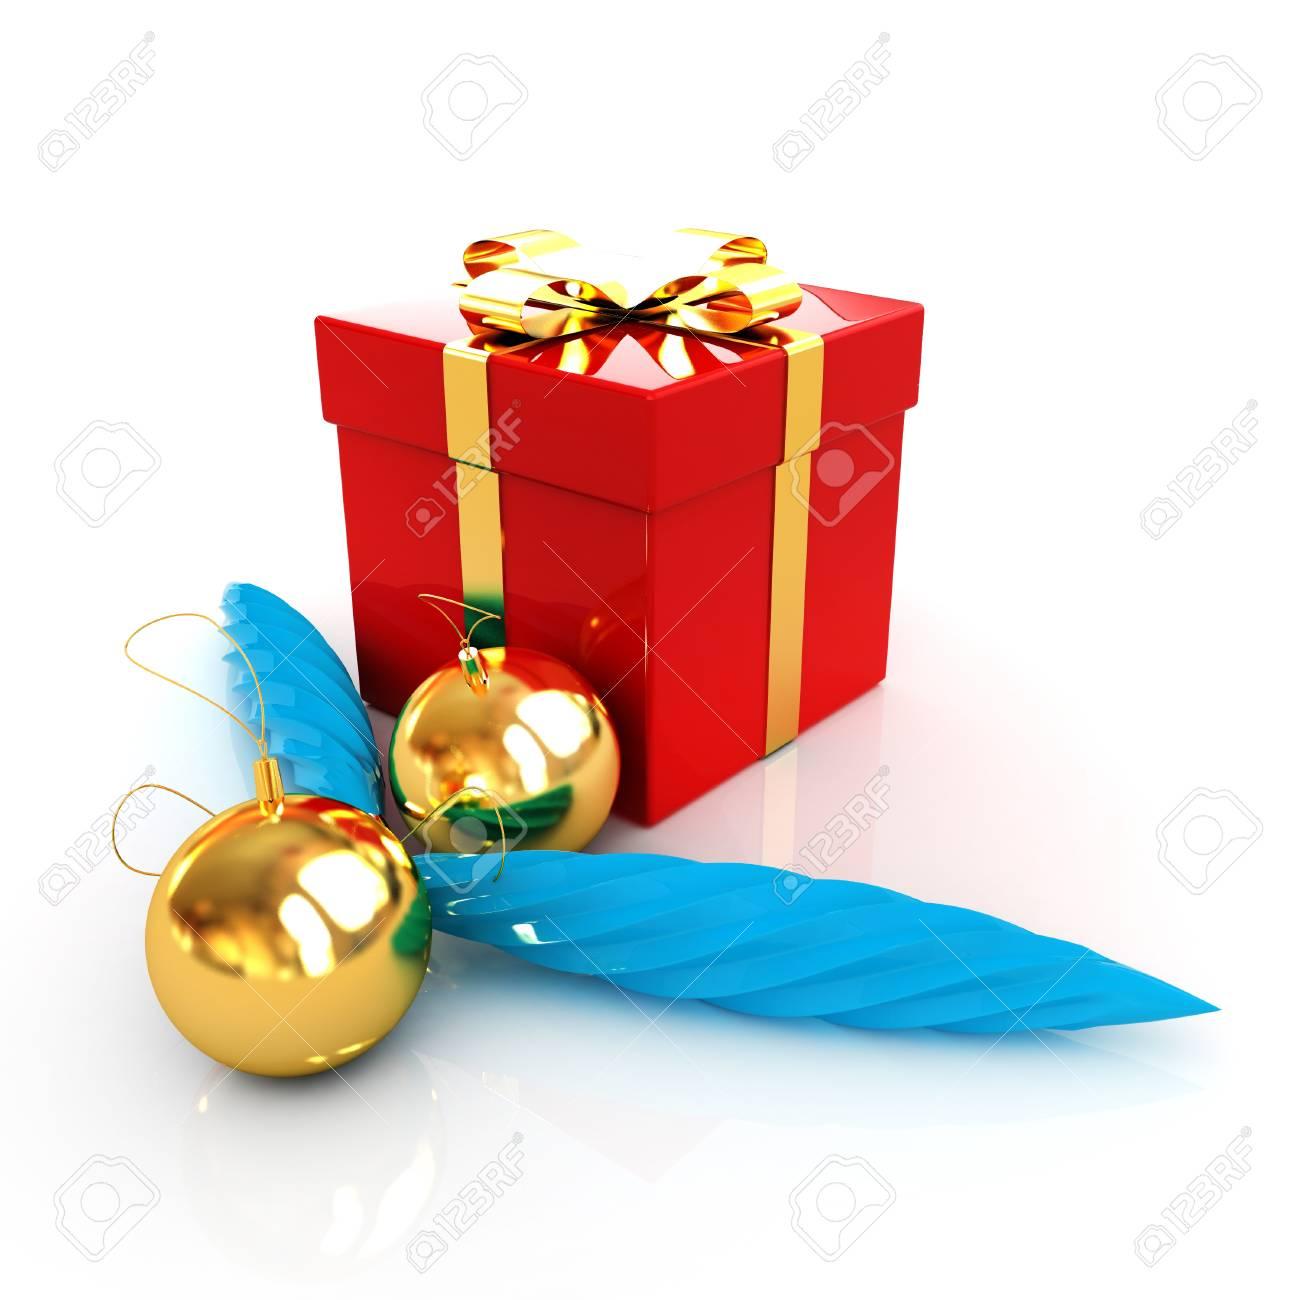 Schöne Weihnachtsgeschenke Lizenzfreie Fotos, Bilder Und Stock ...